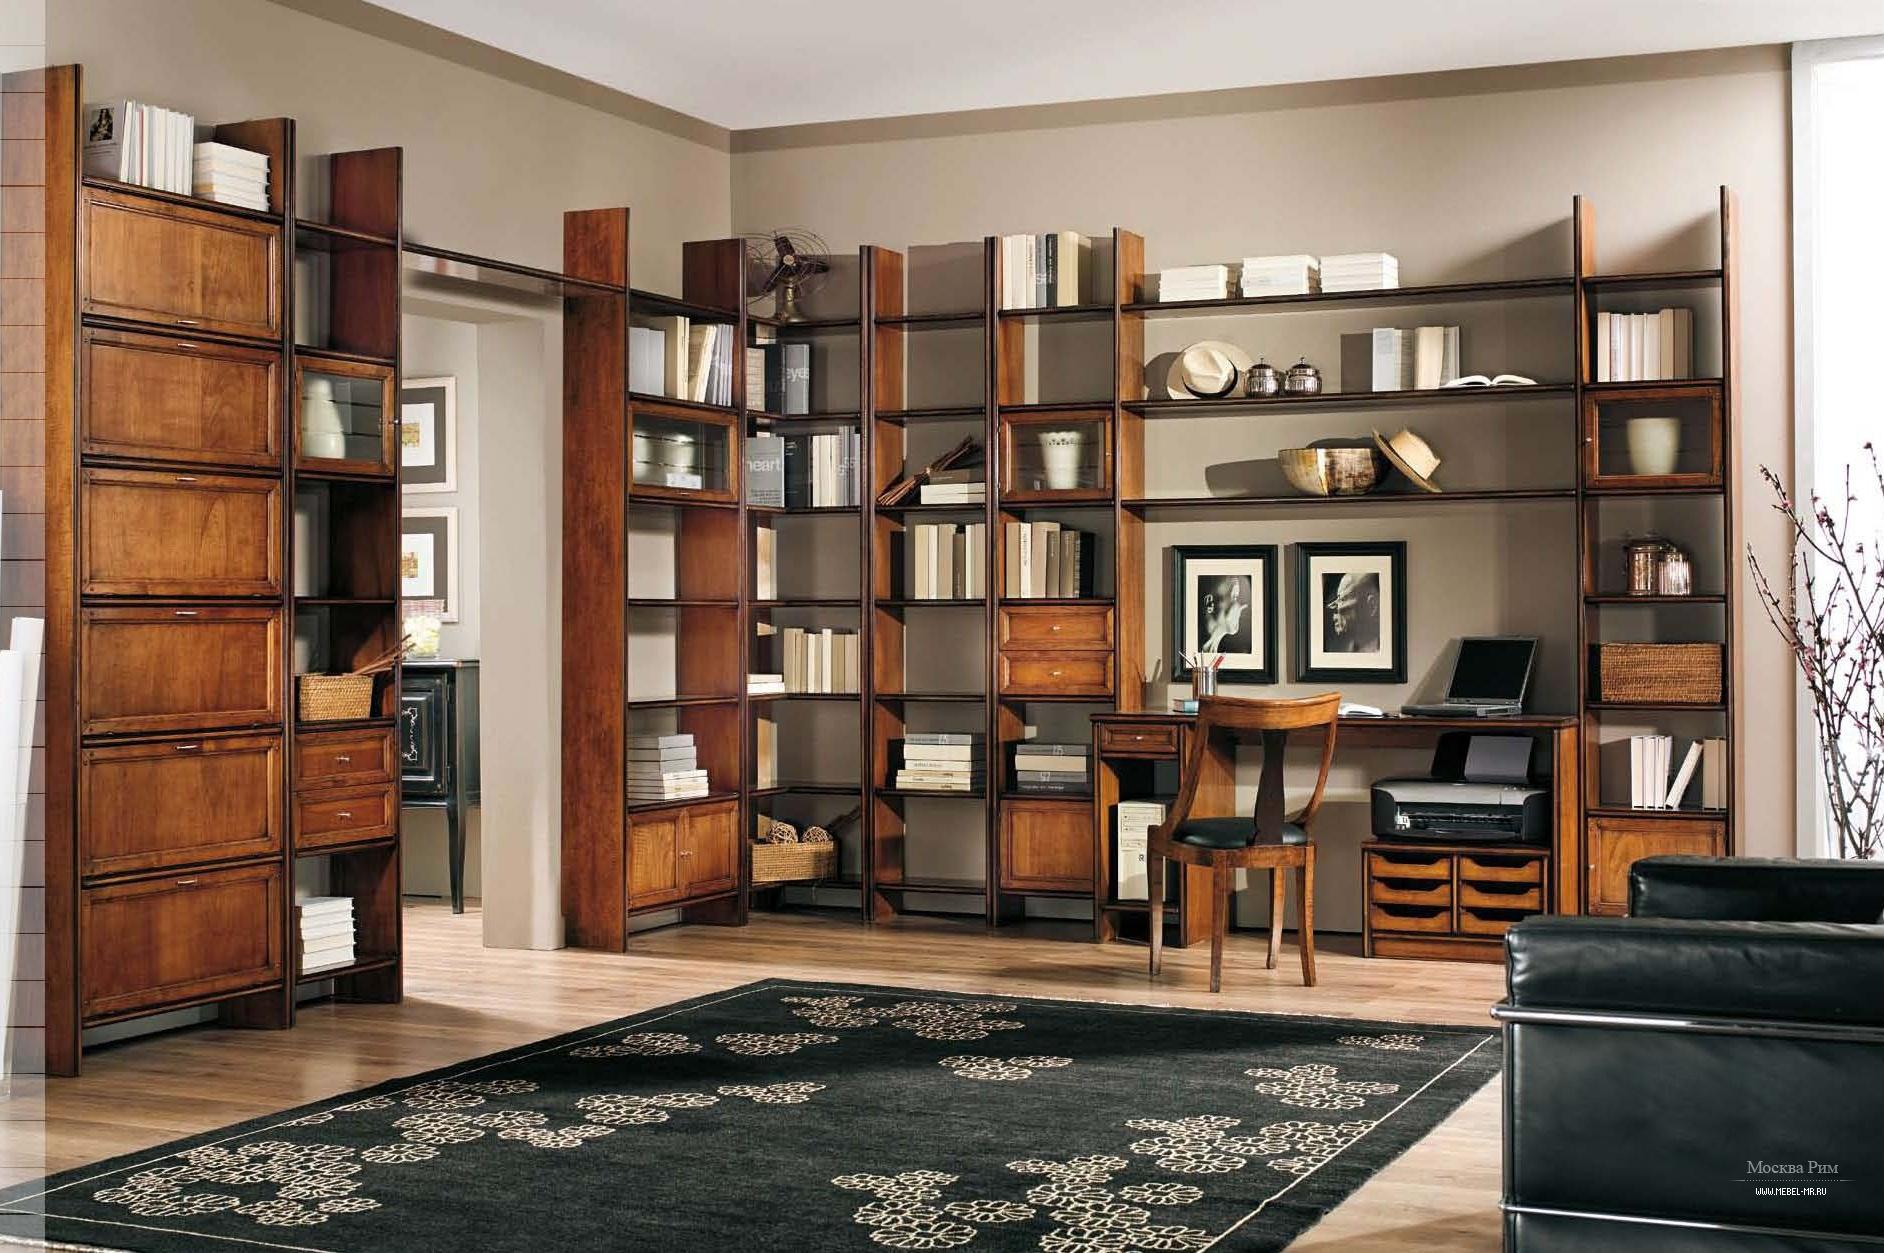 Книжный шкаф mirandola j037. классический. riva del garda. к.